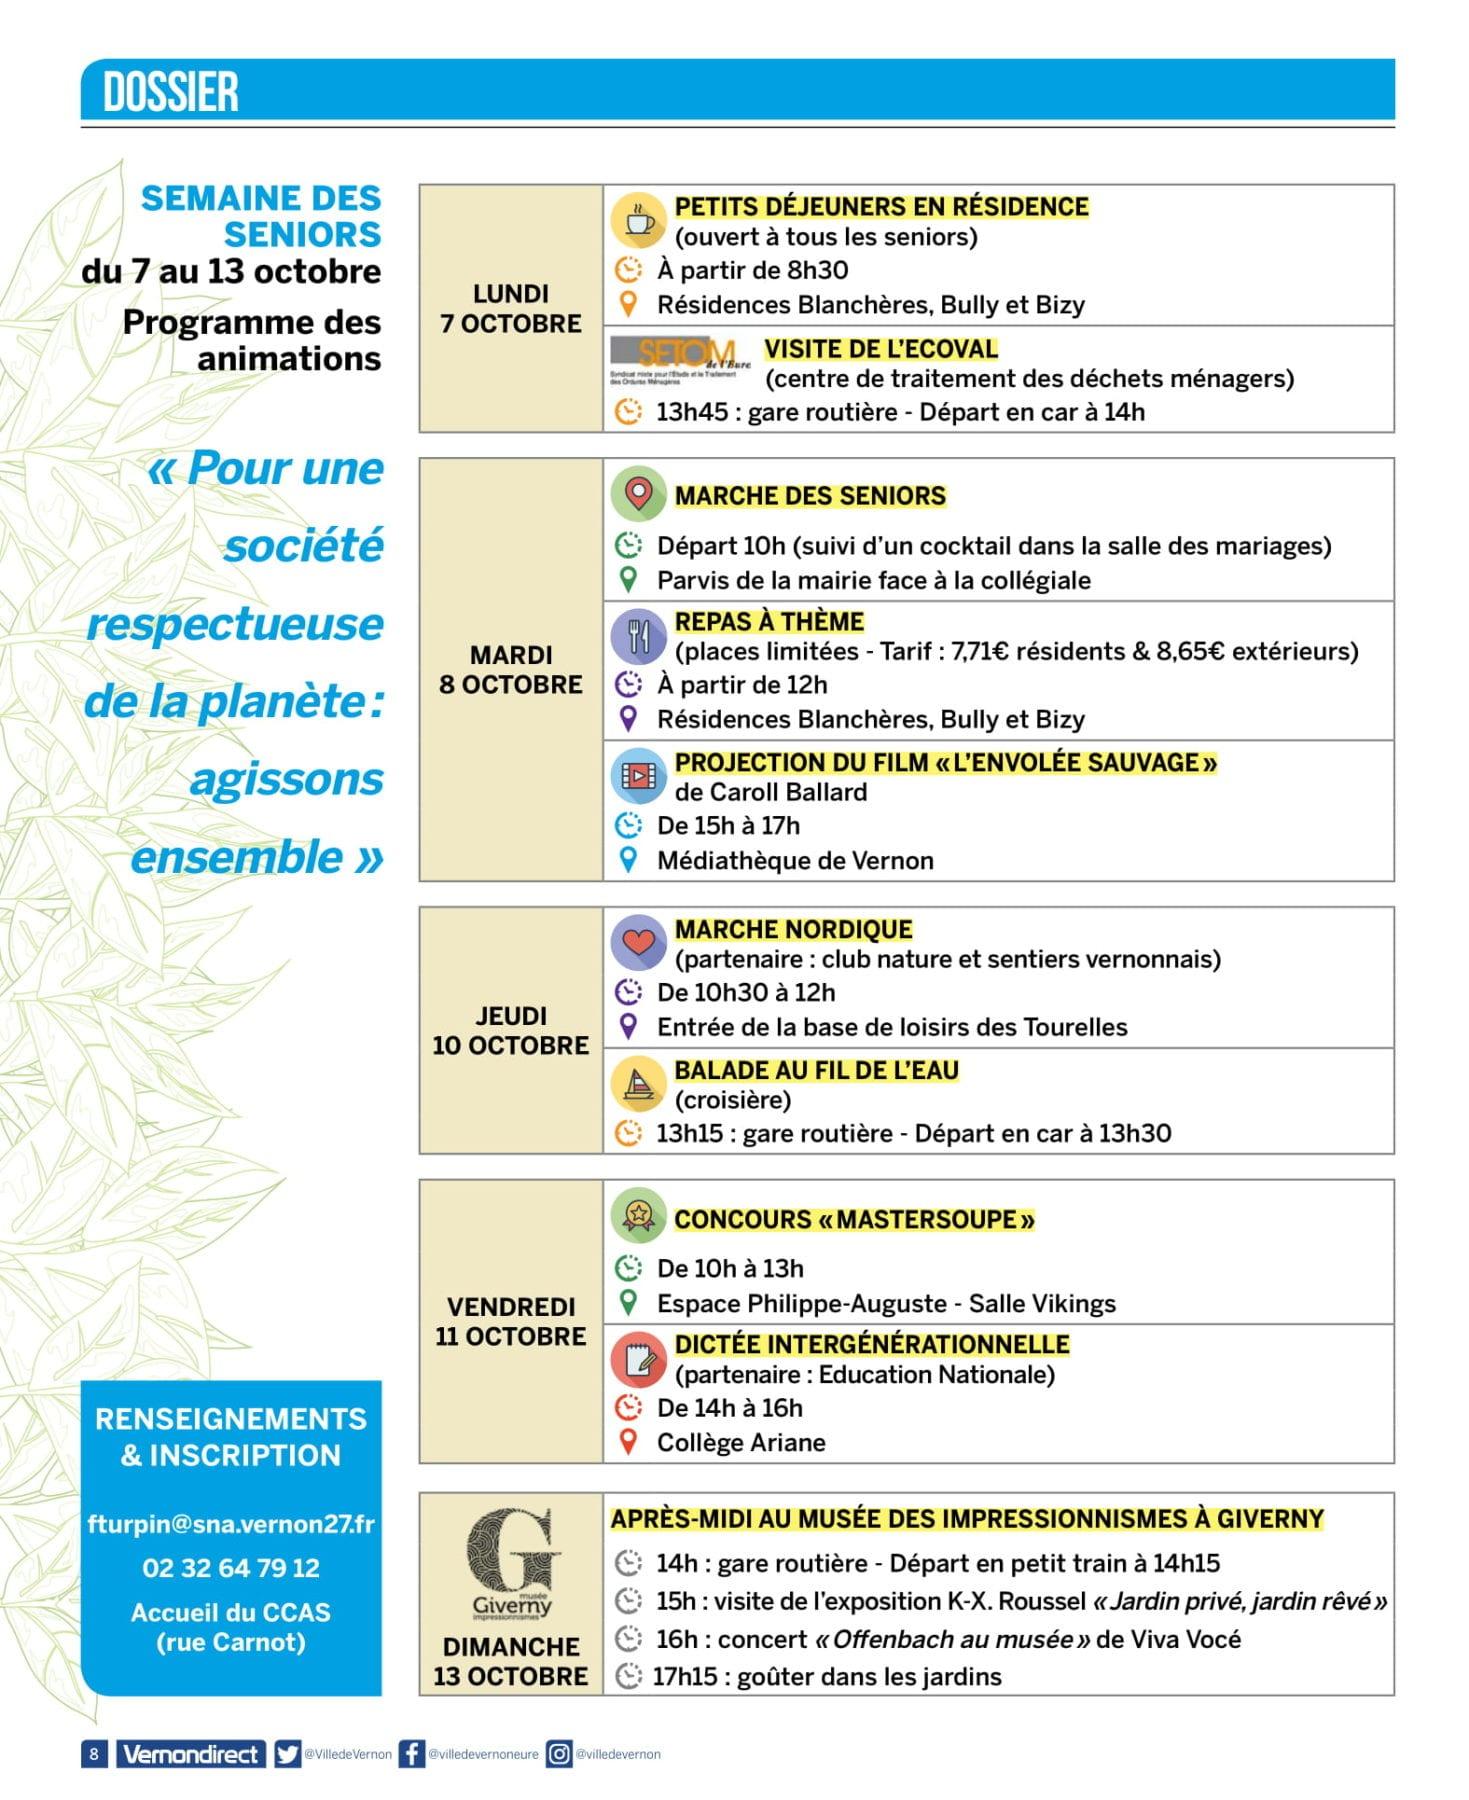 Programme semaine des séniors